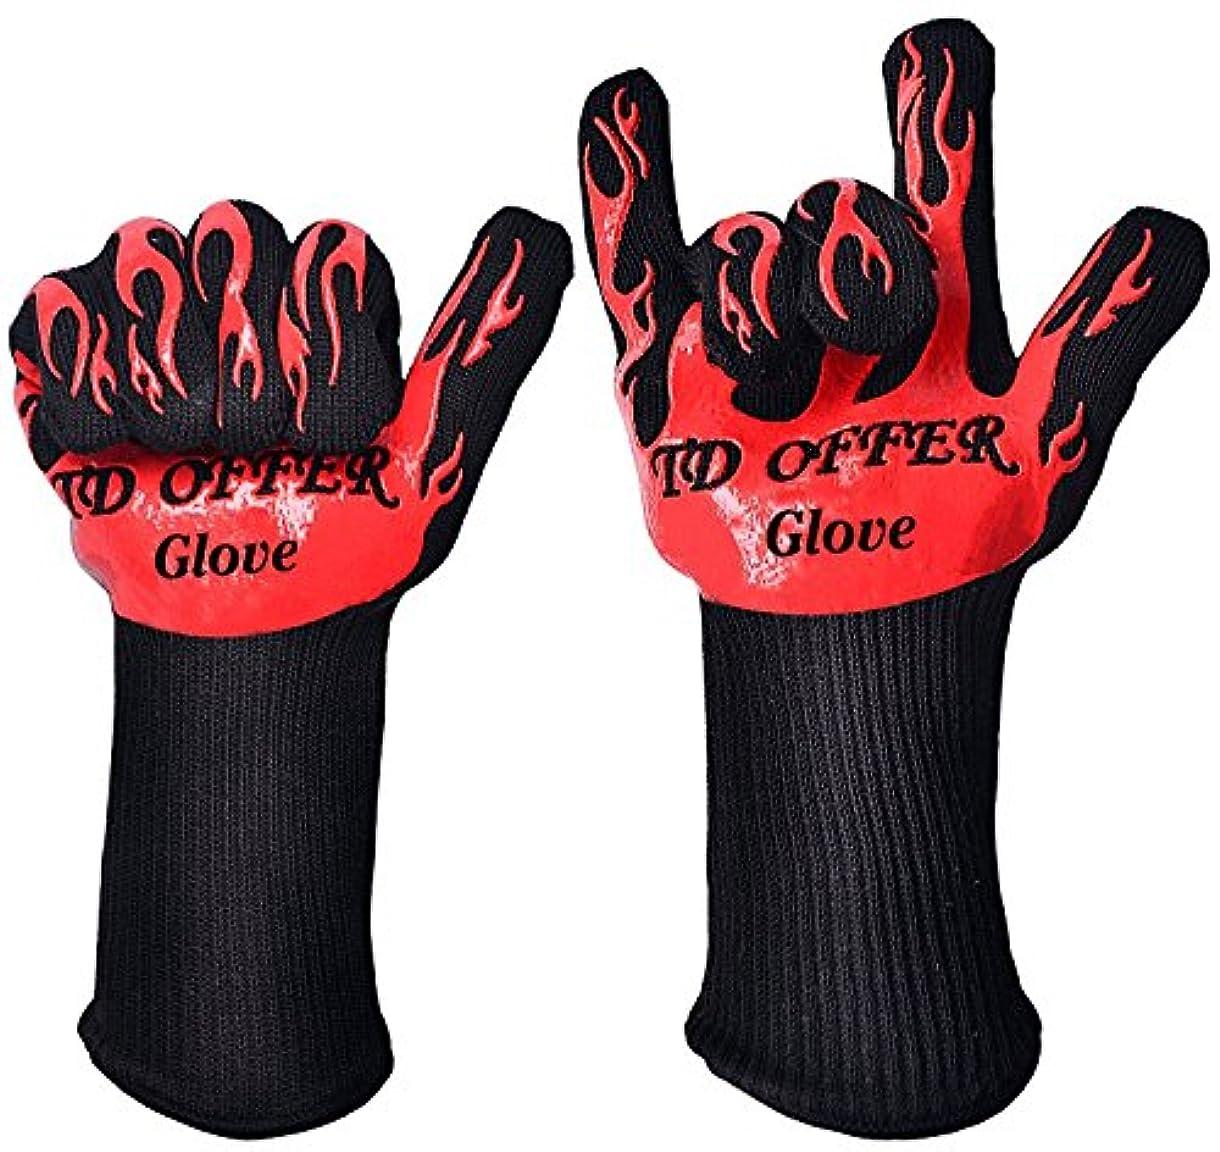 つかまえる聡明熟したTD OFFER 耐熱グローブ バーベキューグローブ BBQ専用手袋 オーブンミトン 最高防耐熱温度500℃(932 °F)耐熱 滑り止め 着脱簡単 5本指グローブ 調理道具 2個セット